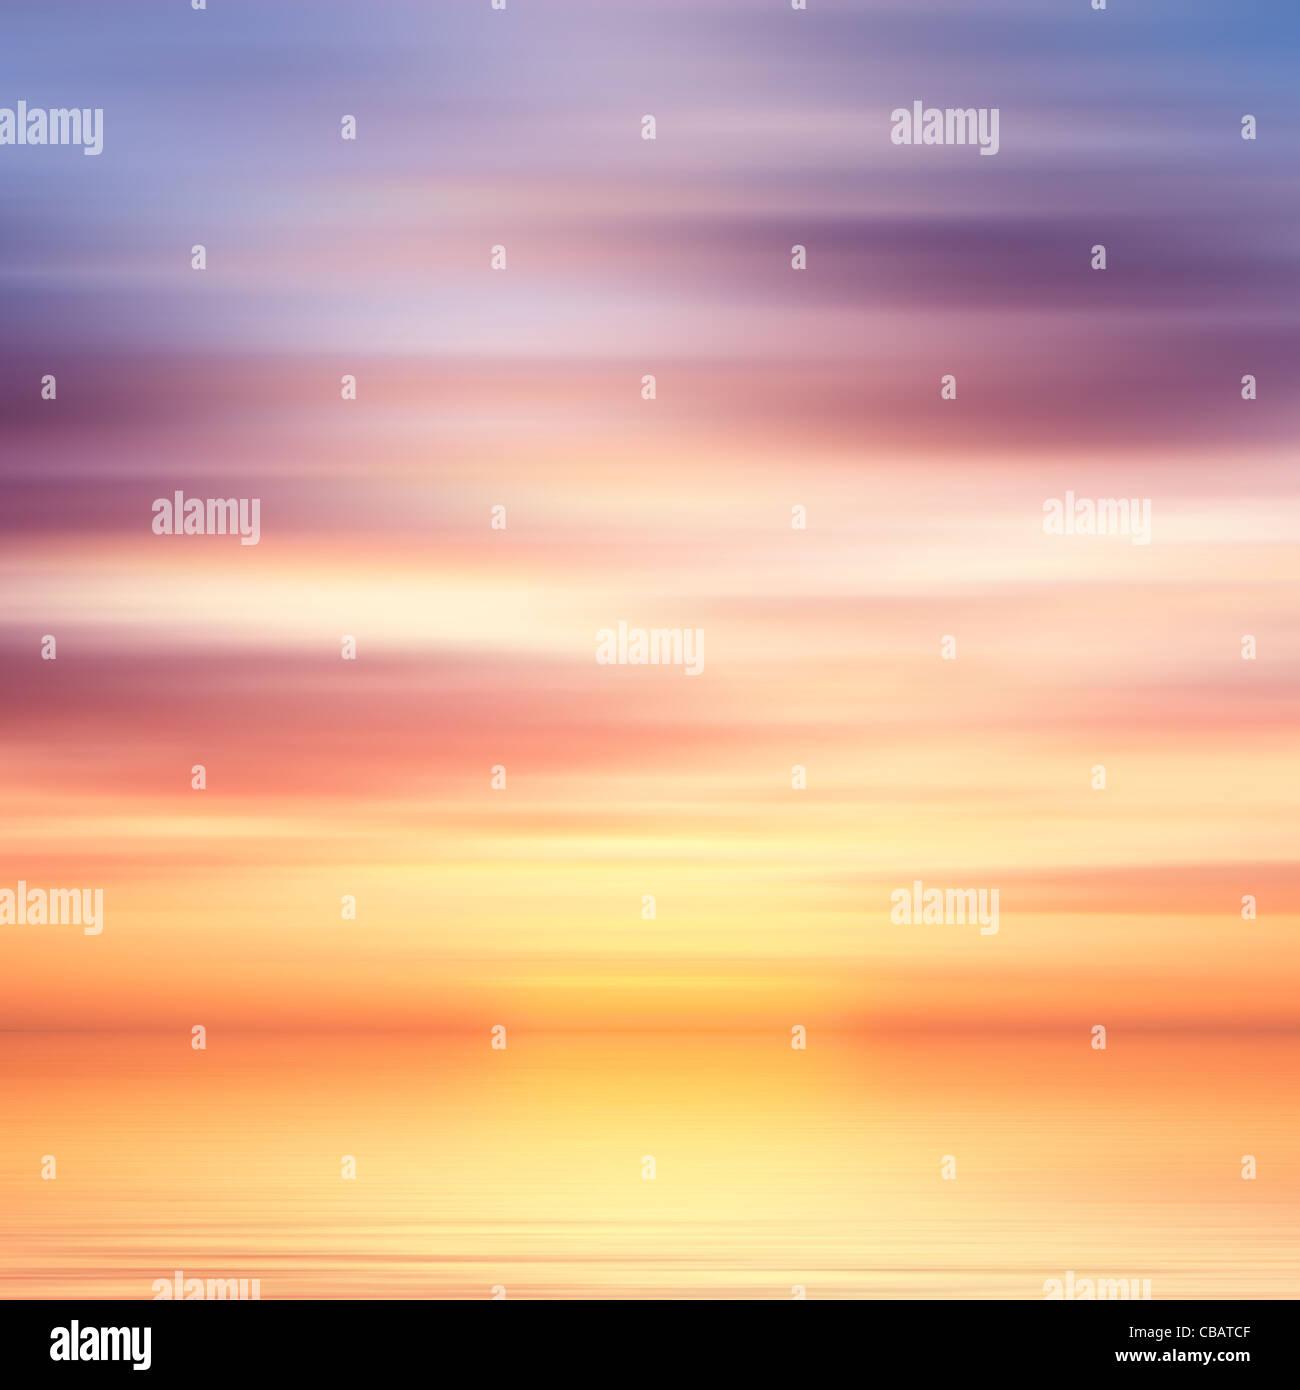 Schöne bunte Wasser und Himmel abstrakten Hintergrund Stockbild